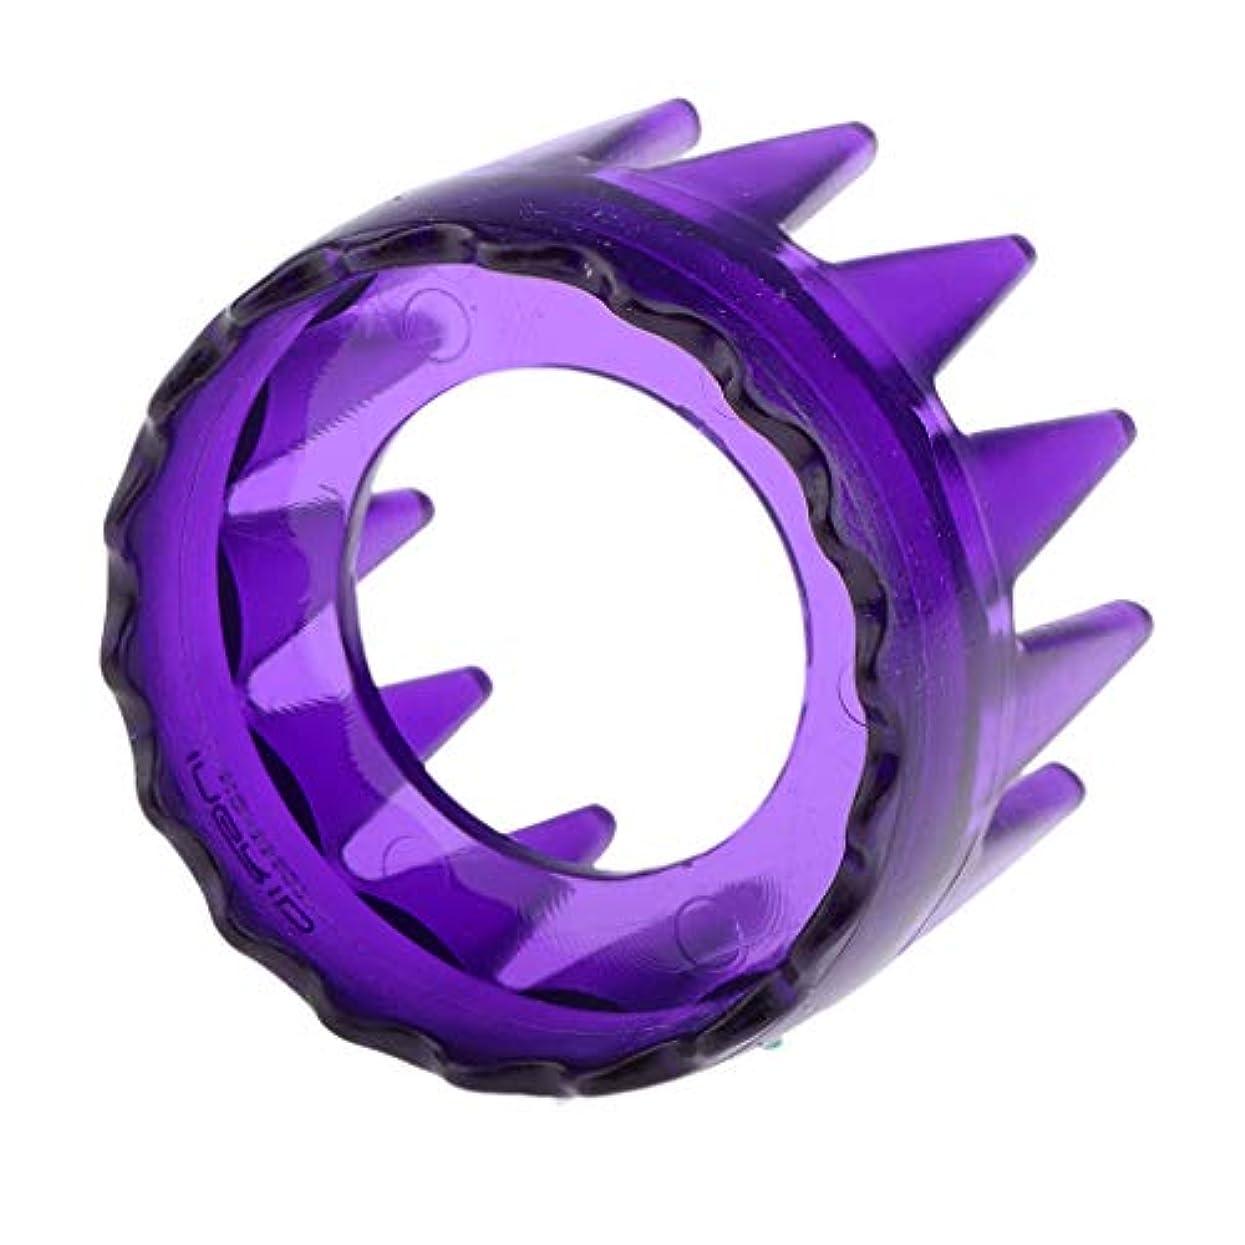 招待壁軍団シャンプーブラシ 洗髪櫛 マッサージャー ヘアコーム ヘアブラシ 滑り止め 快適 リラックス 全4色 - 紫